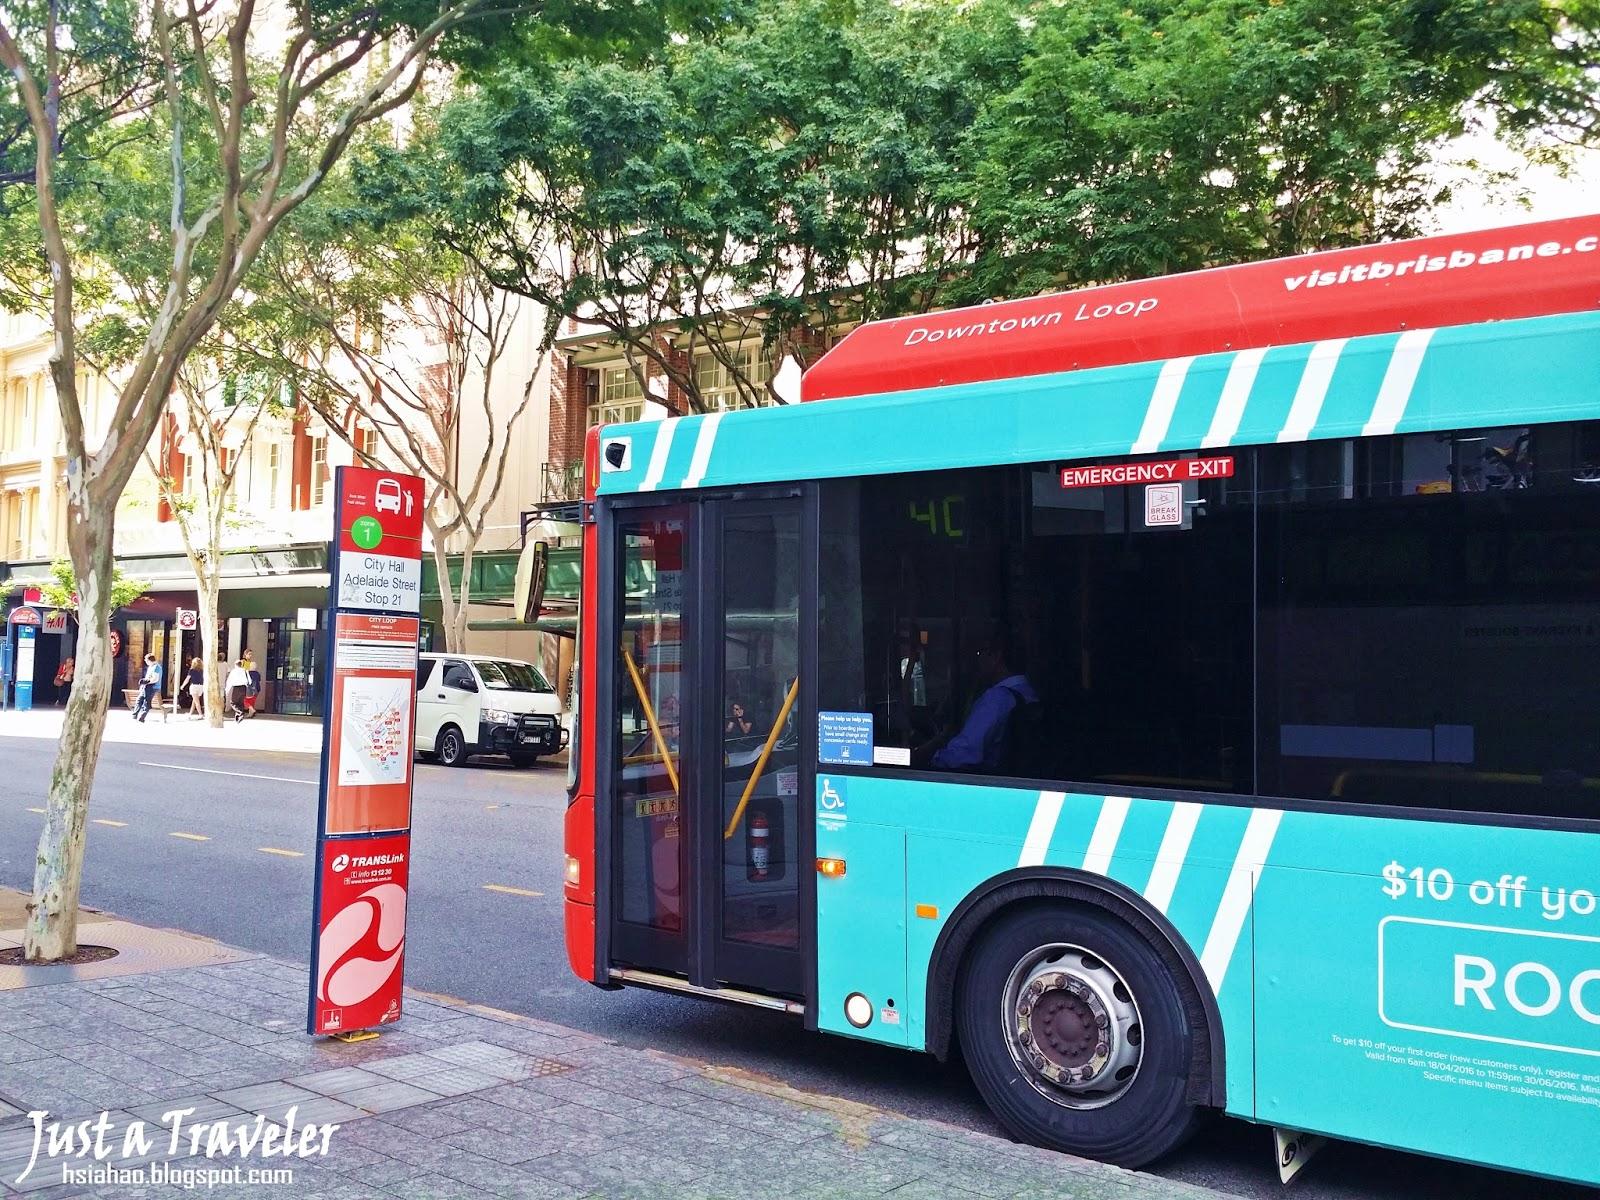 布里斯本-交通-免費-巴士-公車-旅遊-自由行-澳洲-Brisbane-Transport-Free-Bus-Loop-Travel-Australia